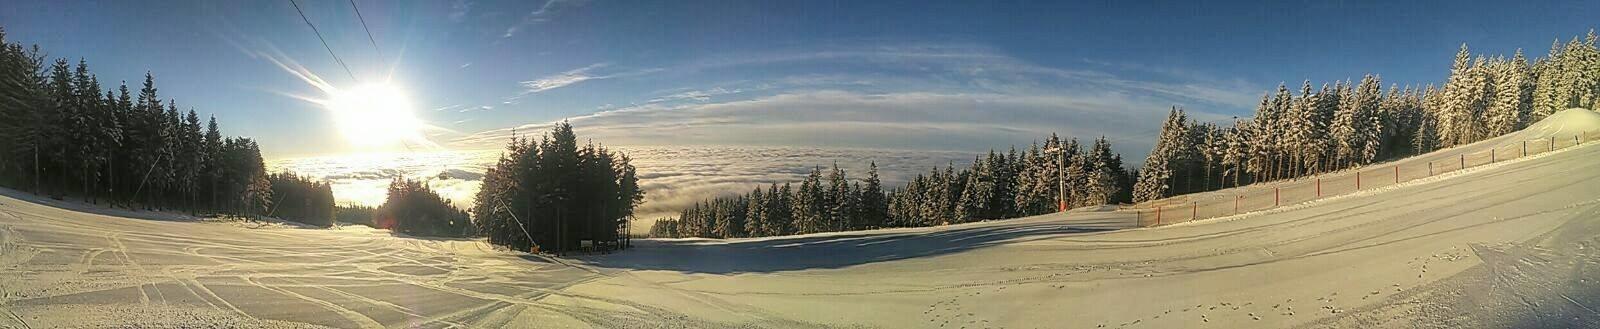 Černá hora - Janské Lázně - panoramatic view - © facebook SkiResort